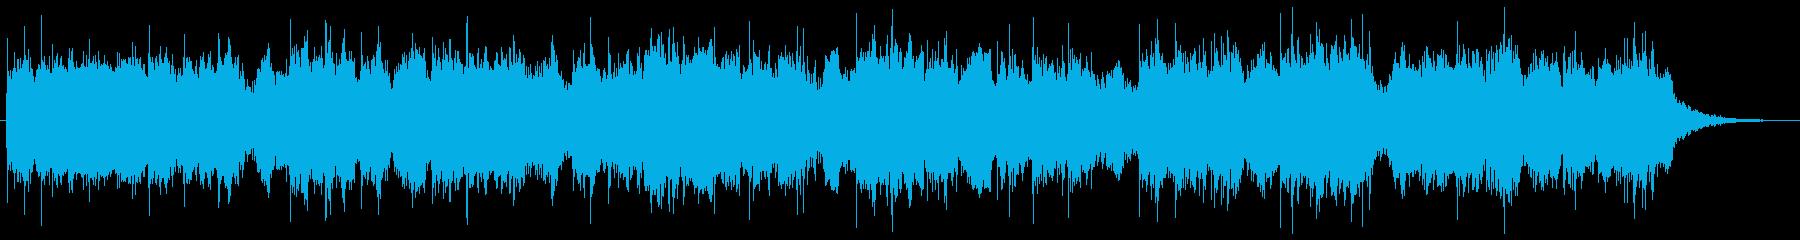 ホルンとベースとシンセの不思議な世界の再生済みの波形